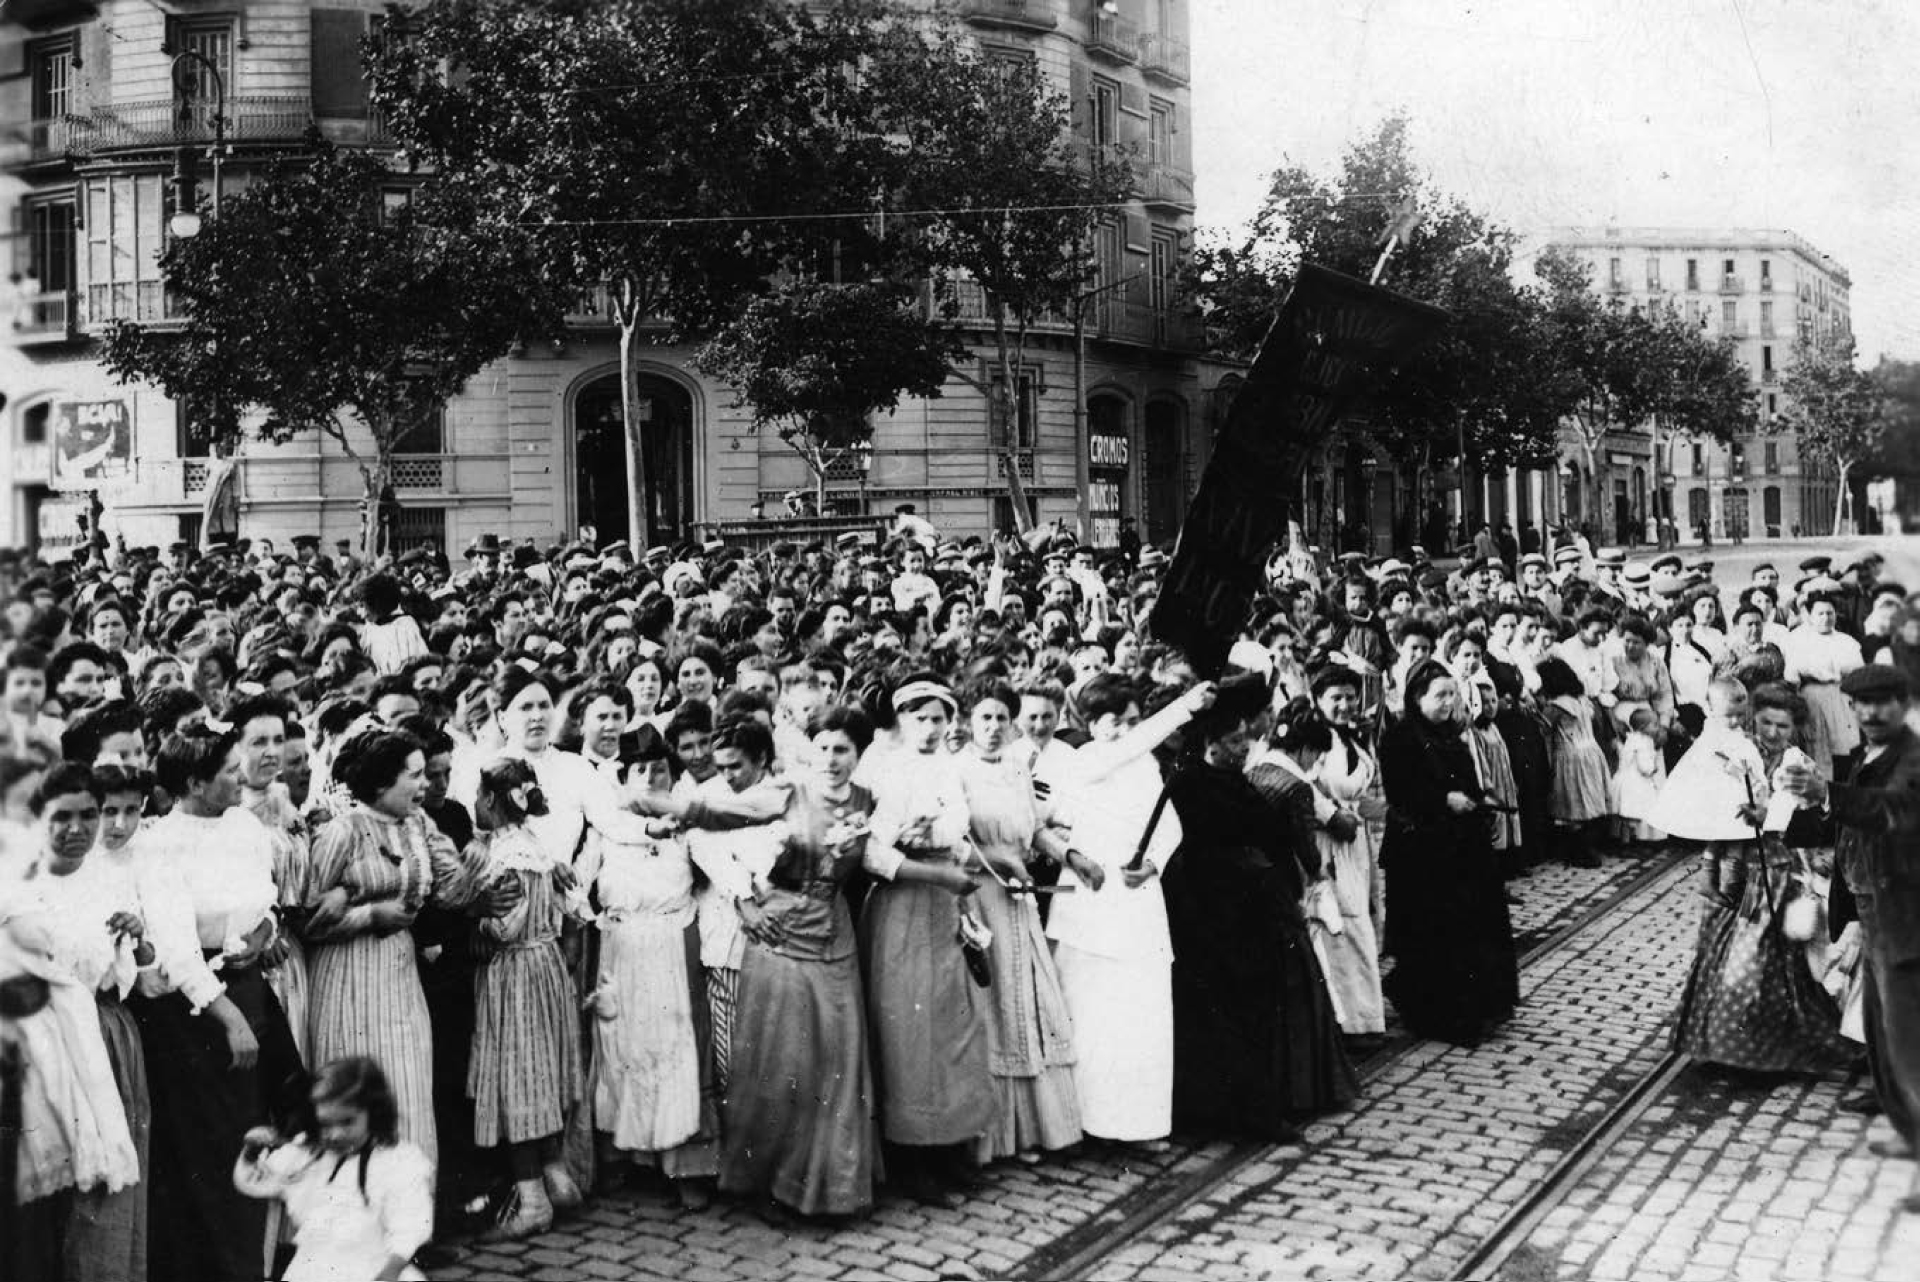 (12:00) Mujeres obreras en El Raval